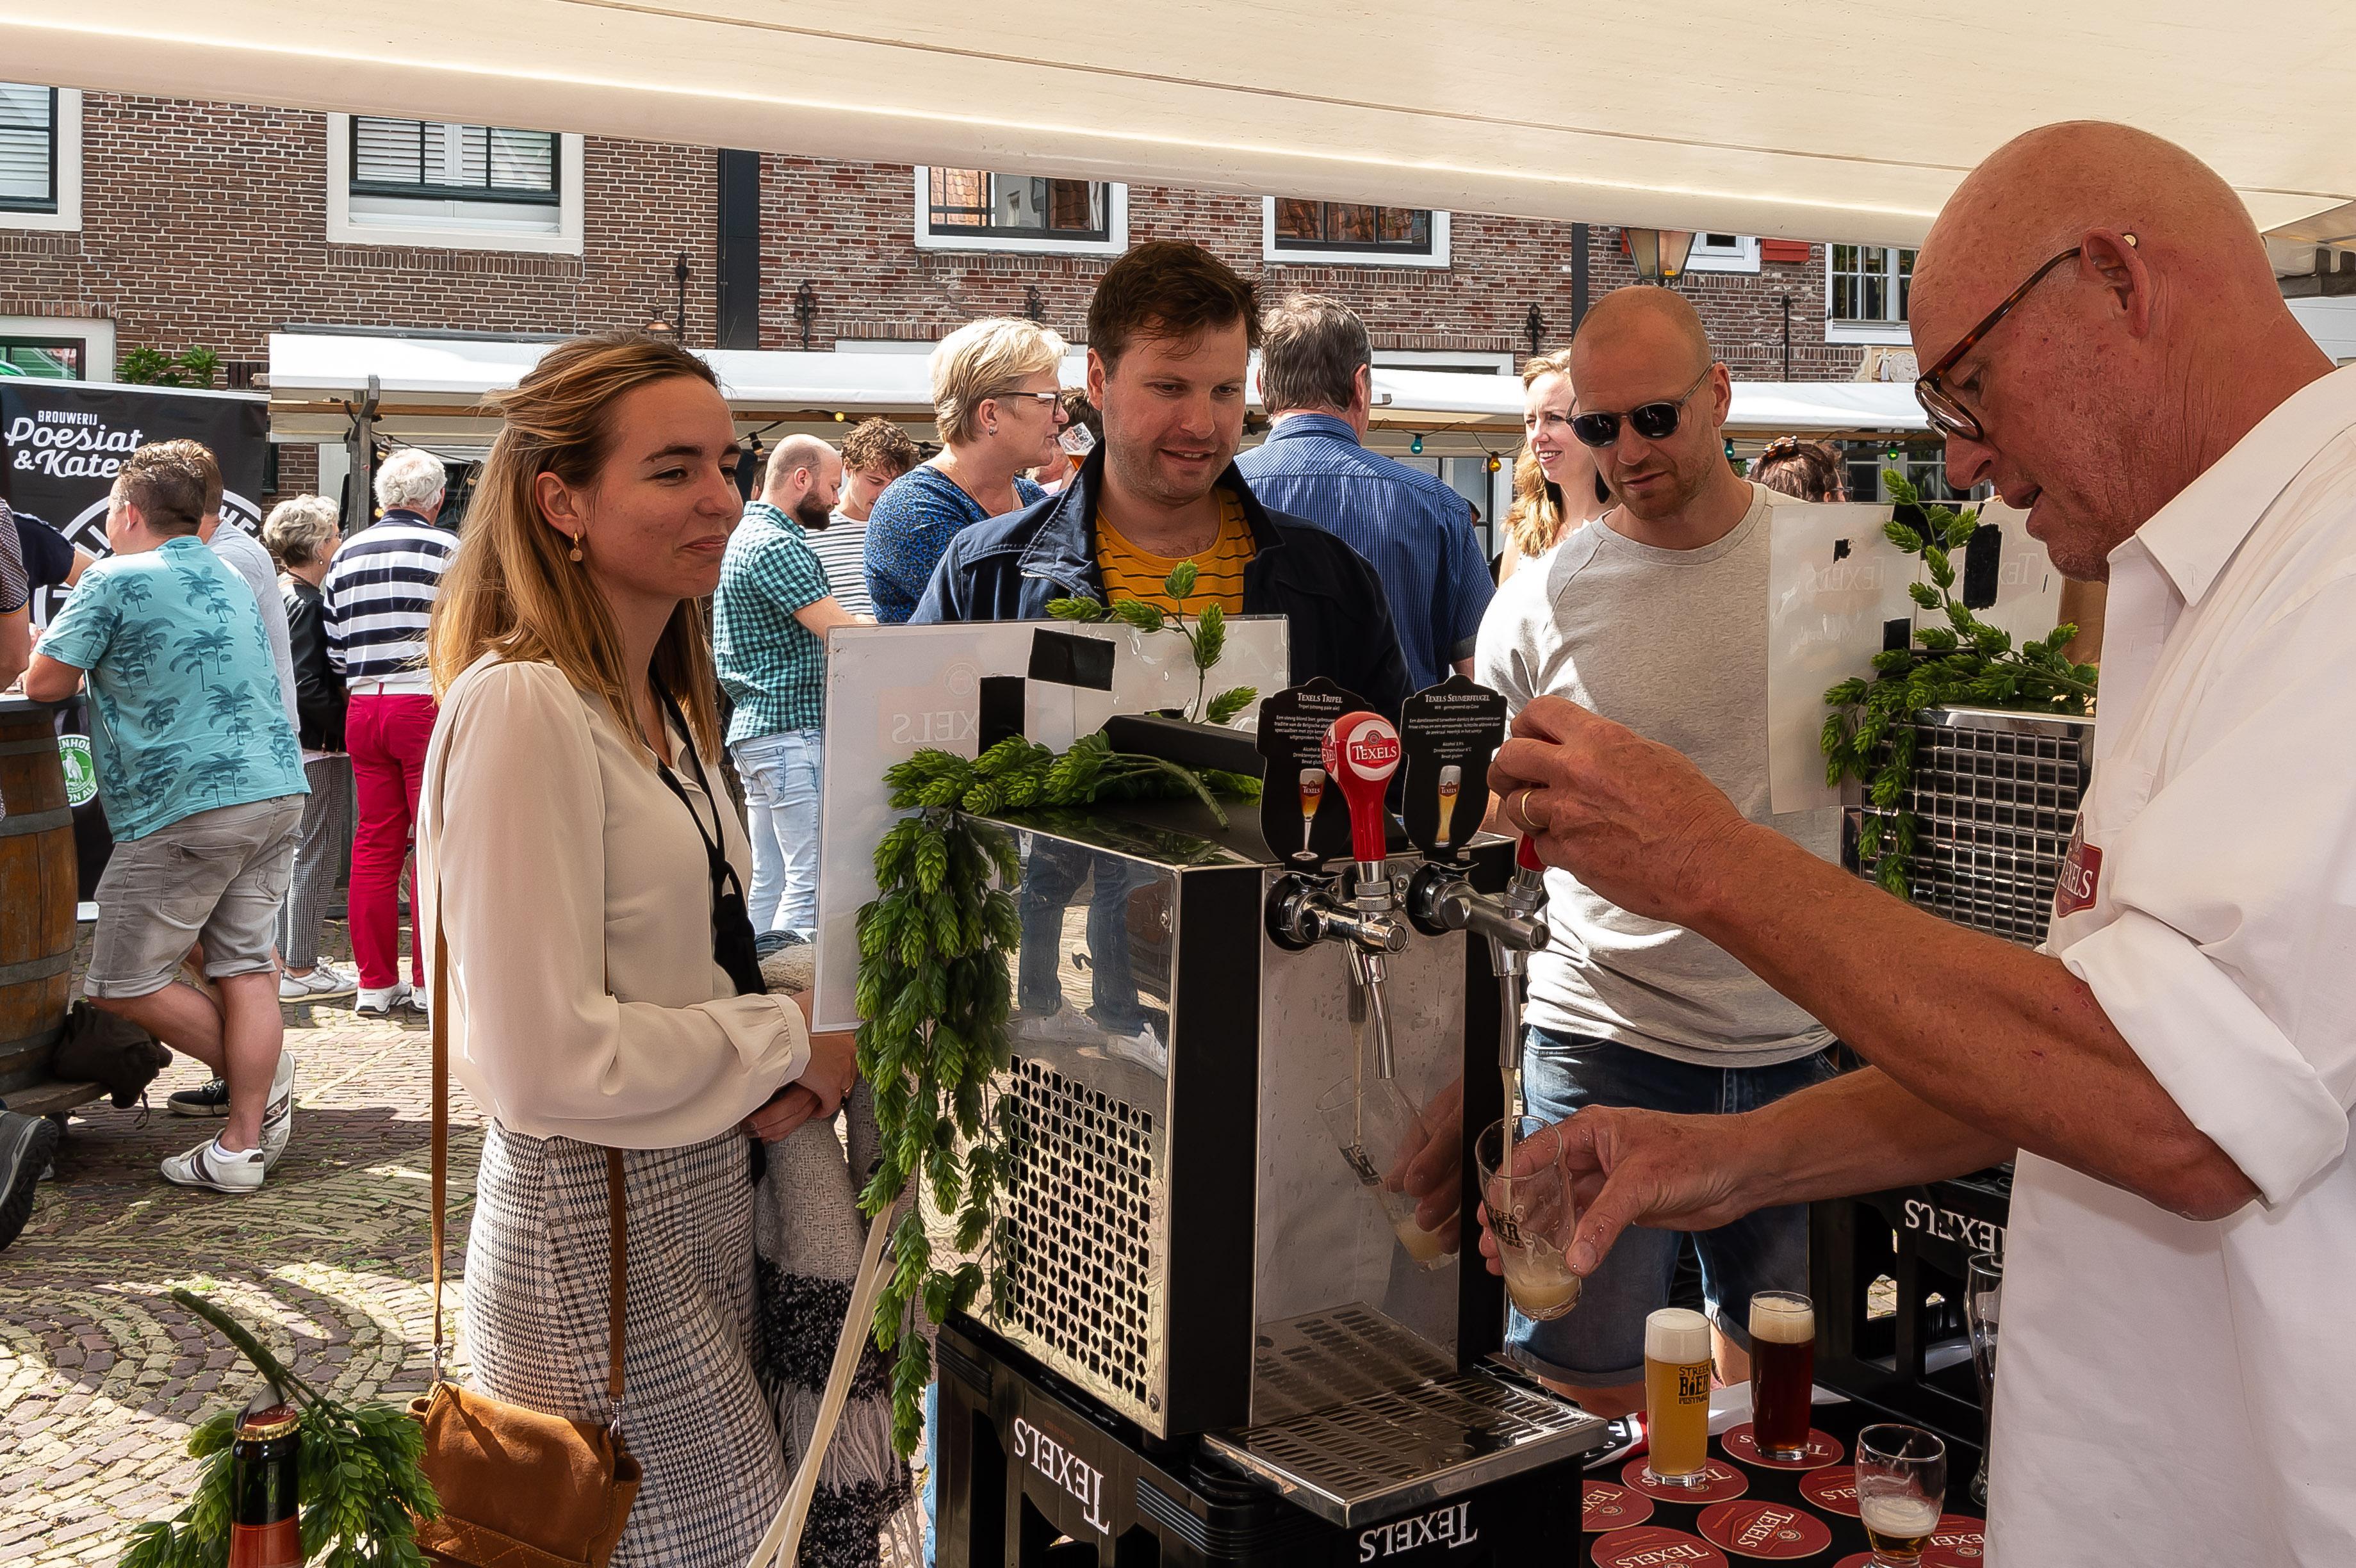 Smakelijke zondag met Streekbierfestival op Kaasmarkt in Edam